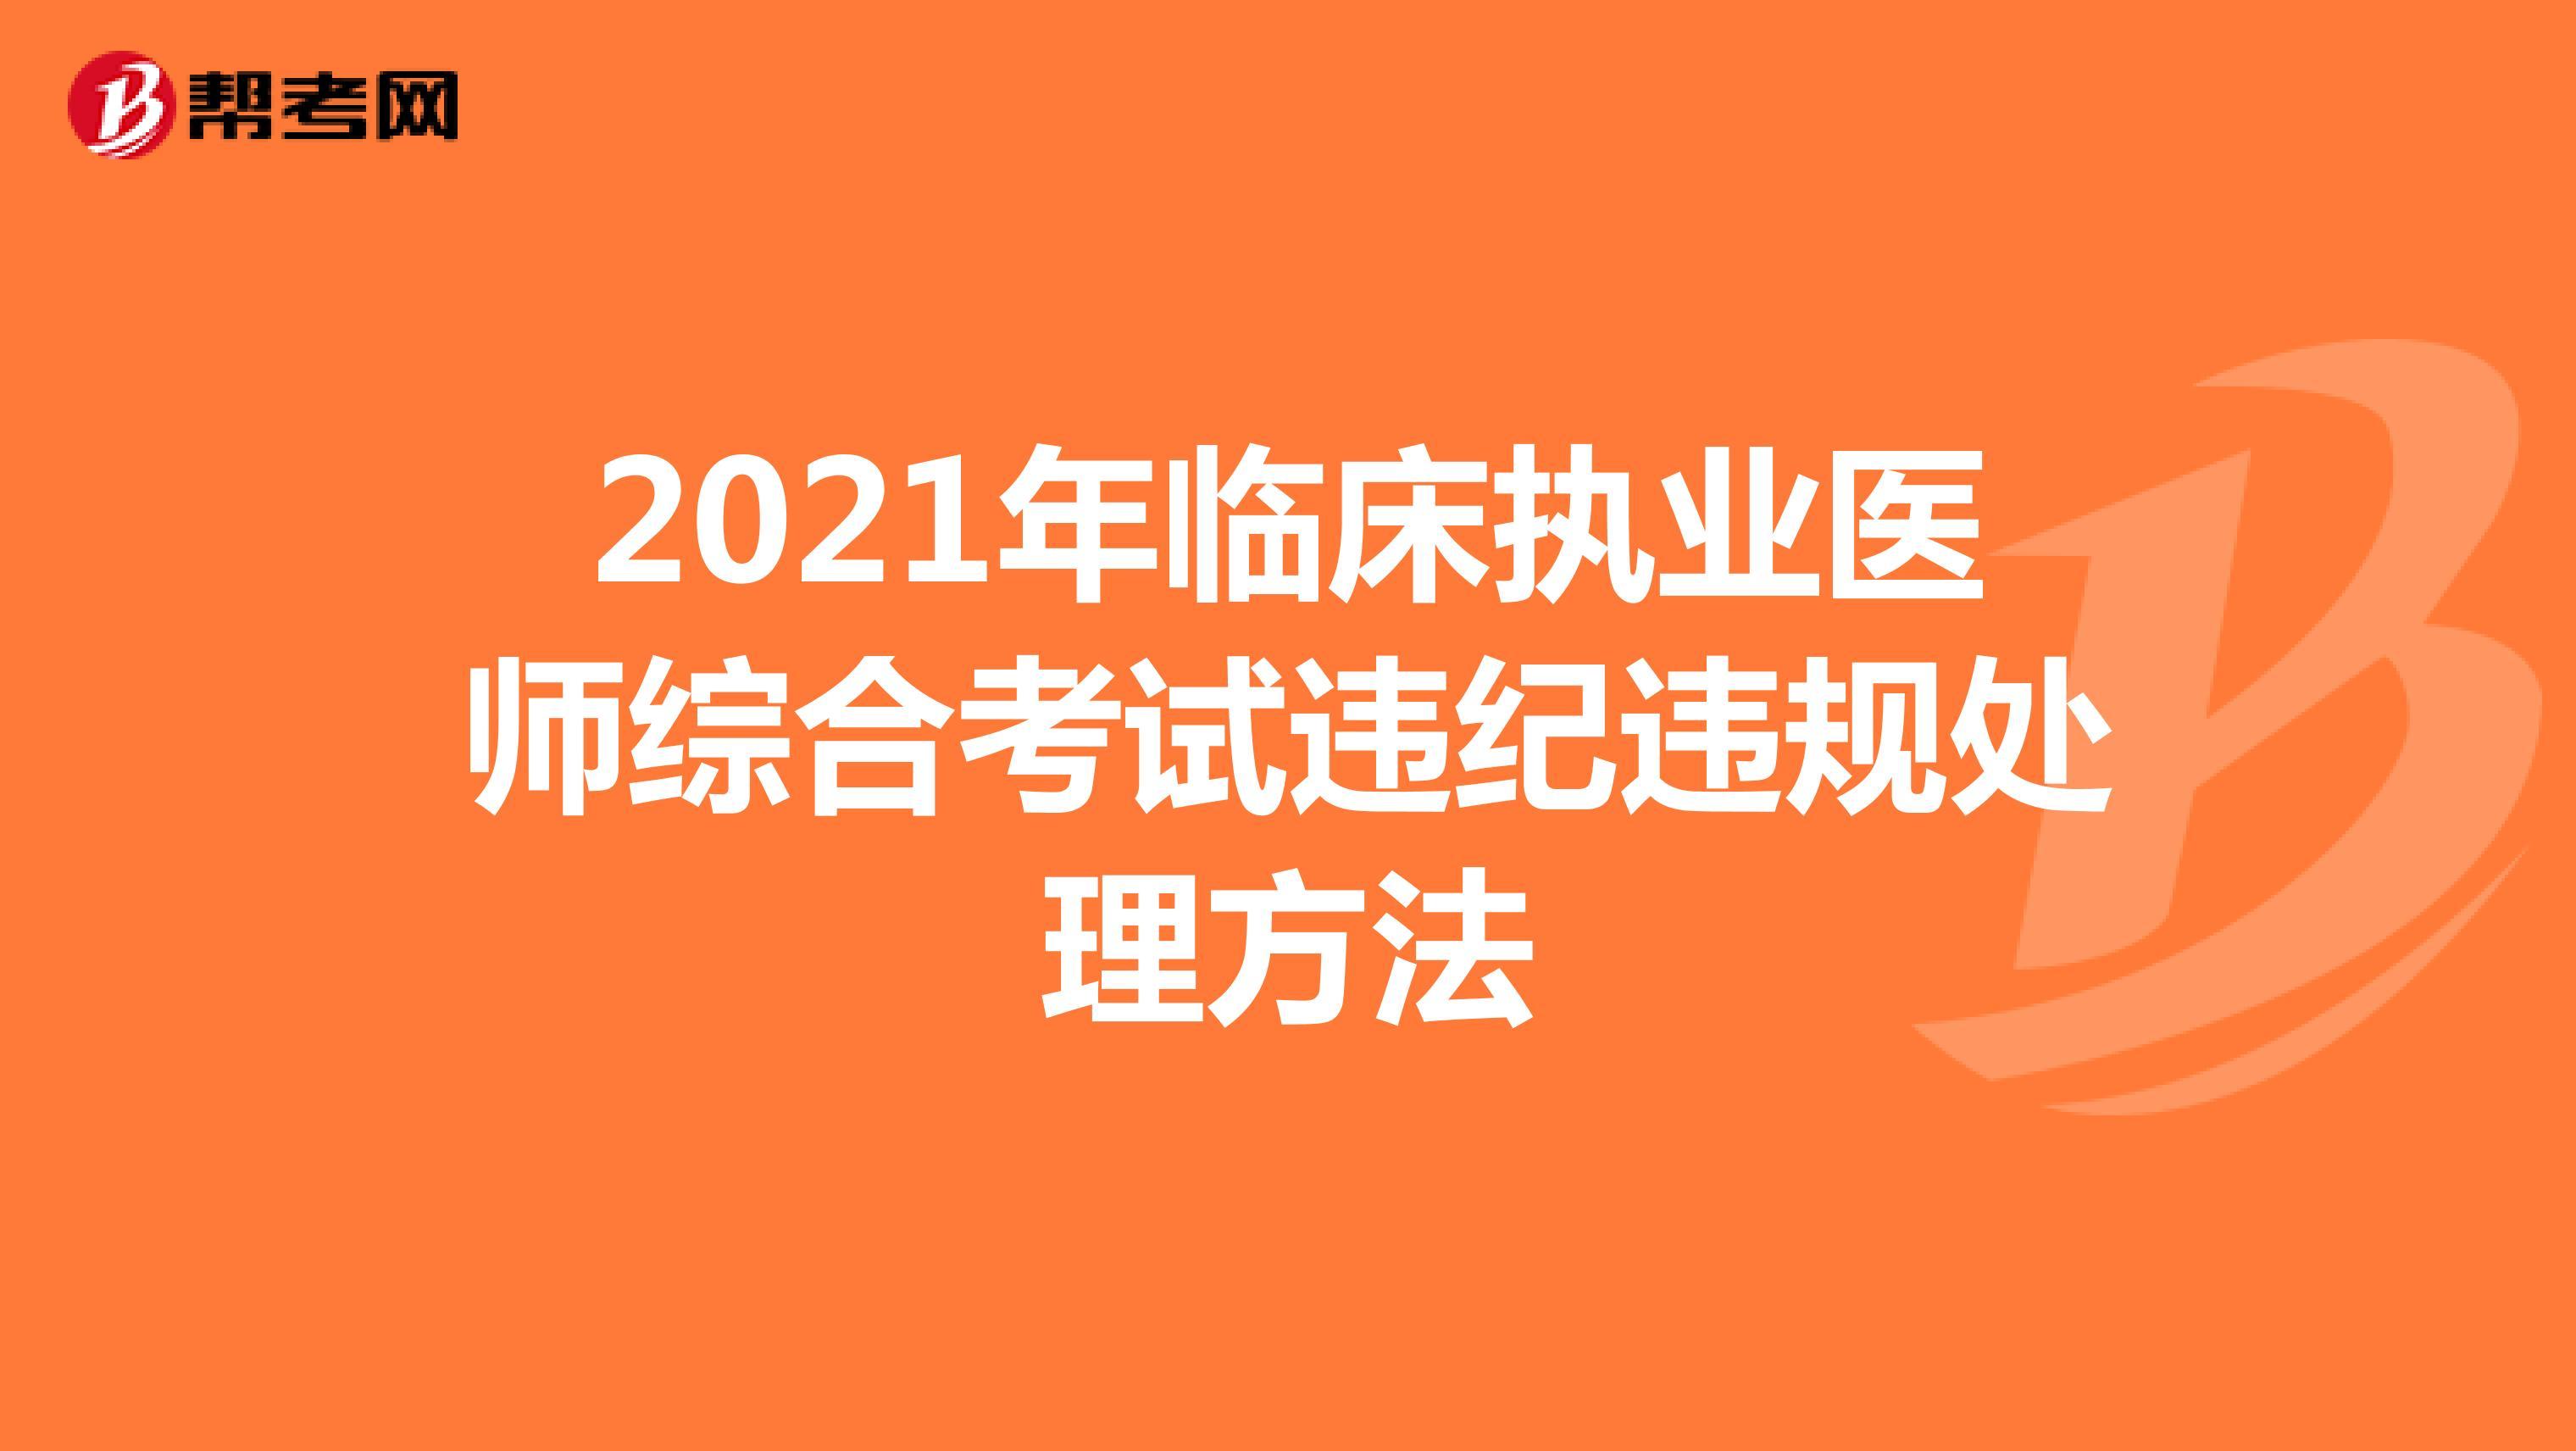 2021年临床执业医师综合Beplay官方违纪违规处理方法